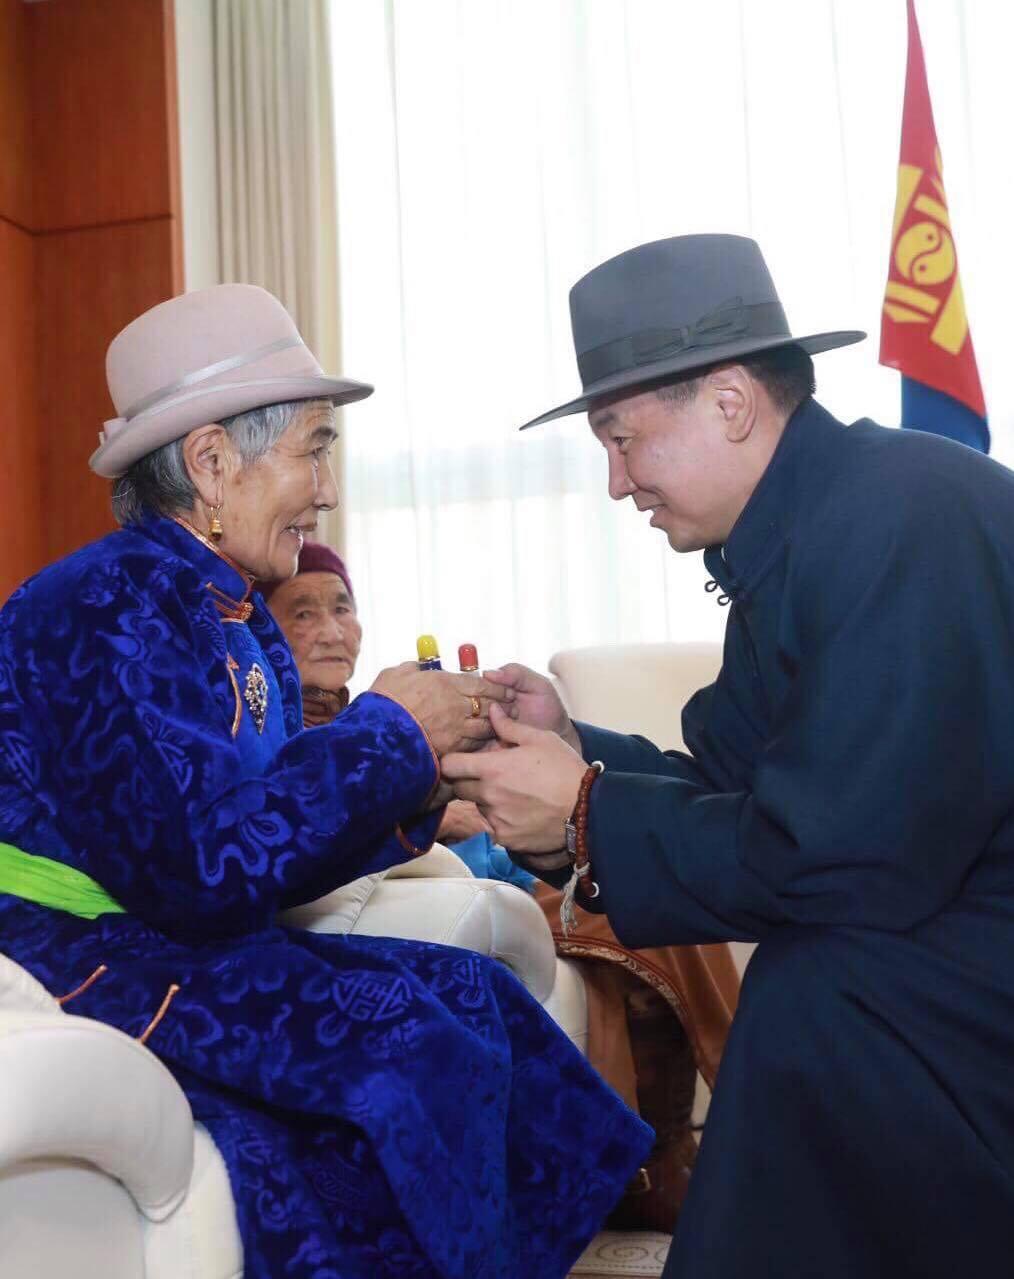 Монгол Улсын Ерөнхий сайд У.Хүрэлсүхийн үндэсний их баяр наадамд илгээх мэндчилгээ